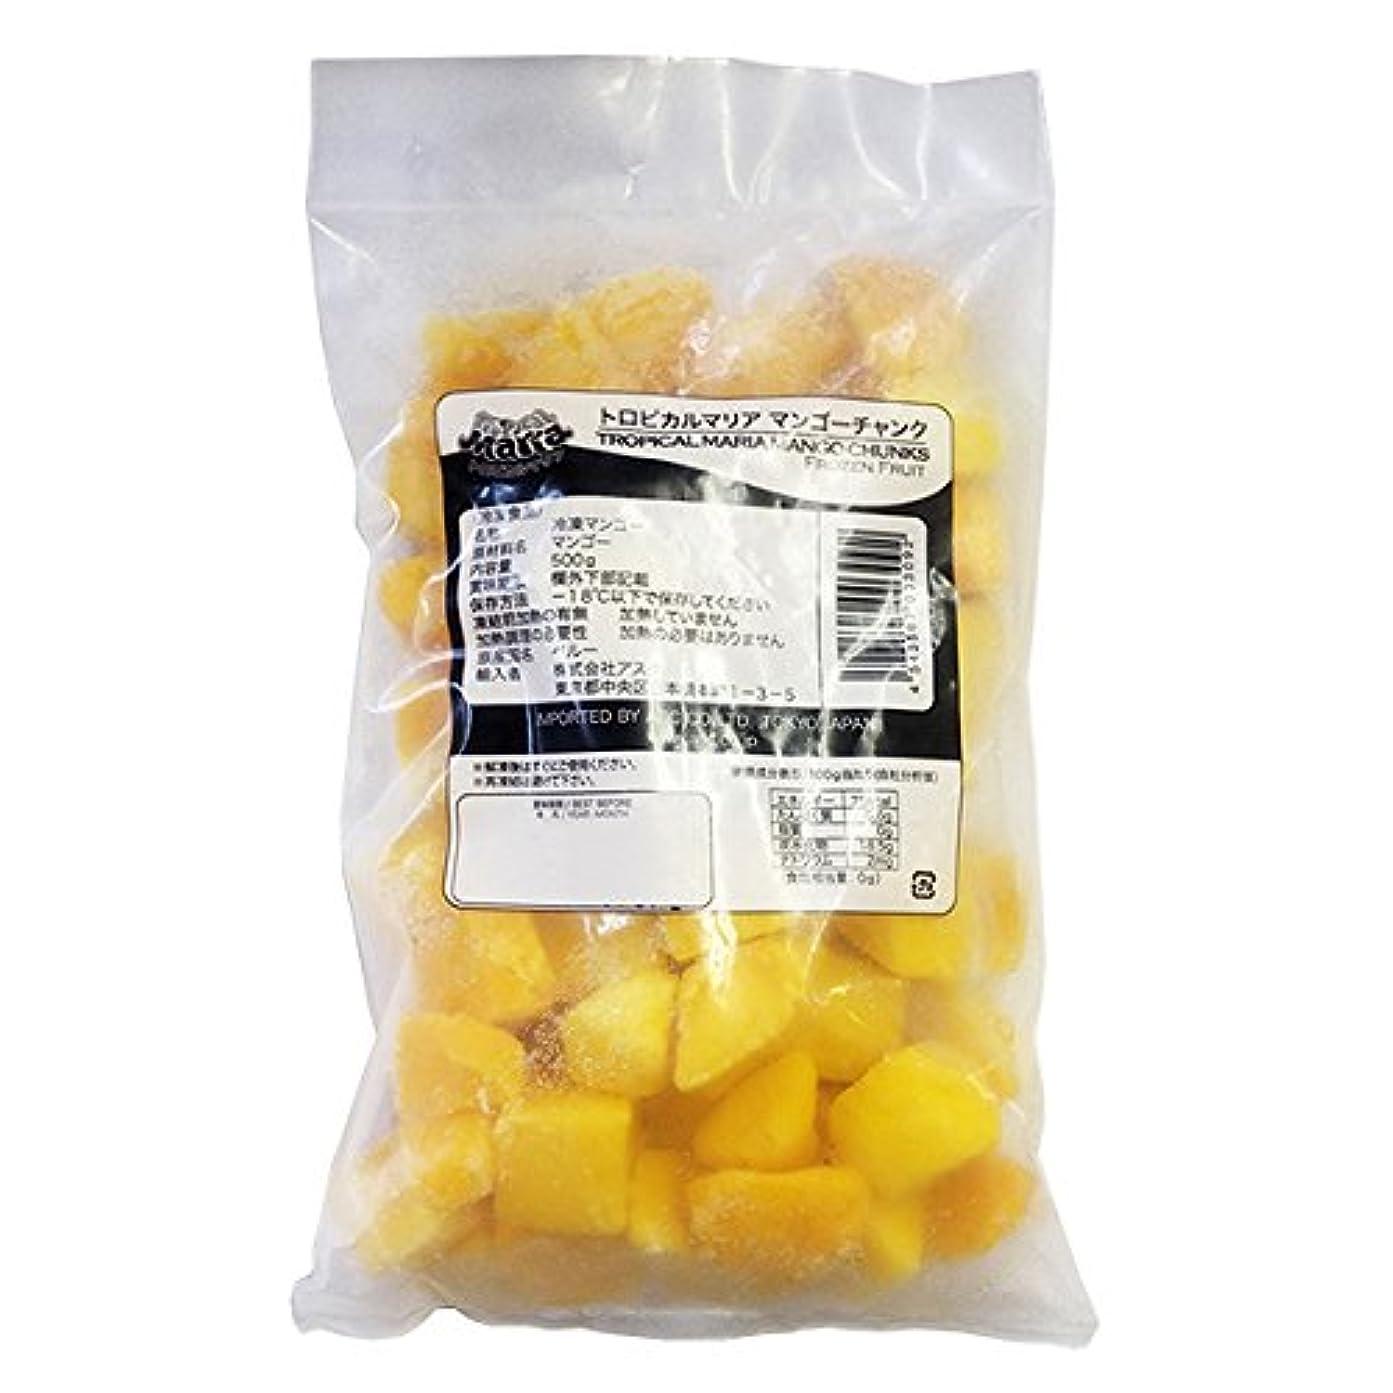 リスキーな入り口舗装するマンゴーチャンク 冷凍 500g(5個分)×10袋(5kg) トロピカルマリア